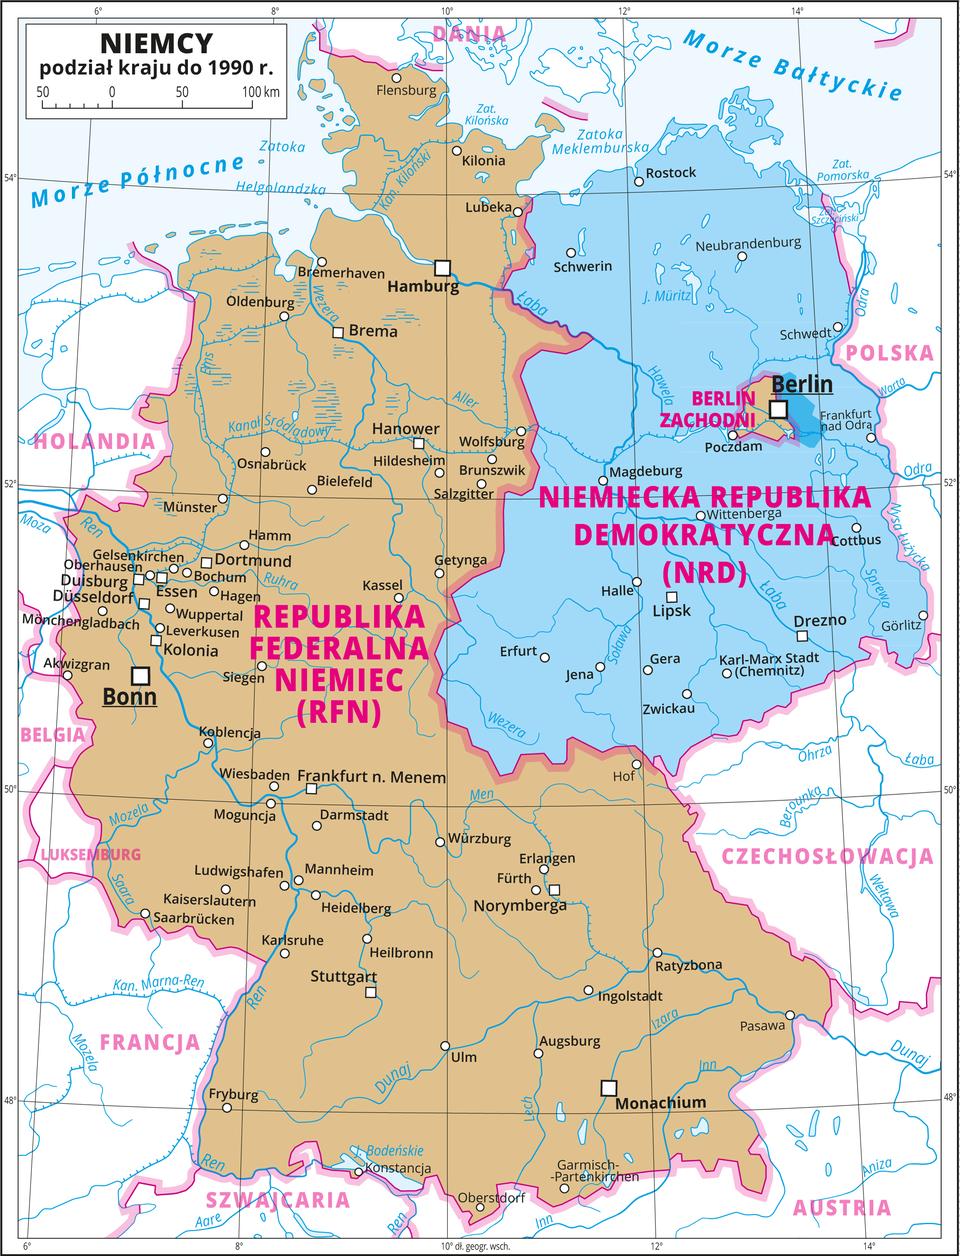 Ilustracja przedstawia mapę polityczną Niemiec. Na mapie przedstawiono podział kraju do tysiąc dziewięćset dziewięćdziesiątego roku. Część zachodnią oznaczono kolorem brązowym iopisano Republika Federalna Niemiec. Stolica – Bonn. Część północno-wschodnią oznaczono kolorem niebieskim iopisano Niemiecka Republika Demokratyczna. WBerlinie będącym stolicą Niemieckiej Republiki Demokratycznej wydzielono Berlin Zachodni należący do Republiki Federalnej Niemiec ioznaczono go kolorem brązowym. Dookoła mapy wbiałej ramce opisano współrzędne geograficzne co dwa stopnie. Wlegendzie umieszczono iopisano znaki użyte na mapie.